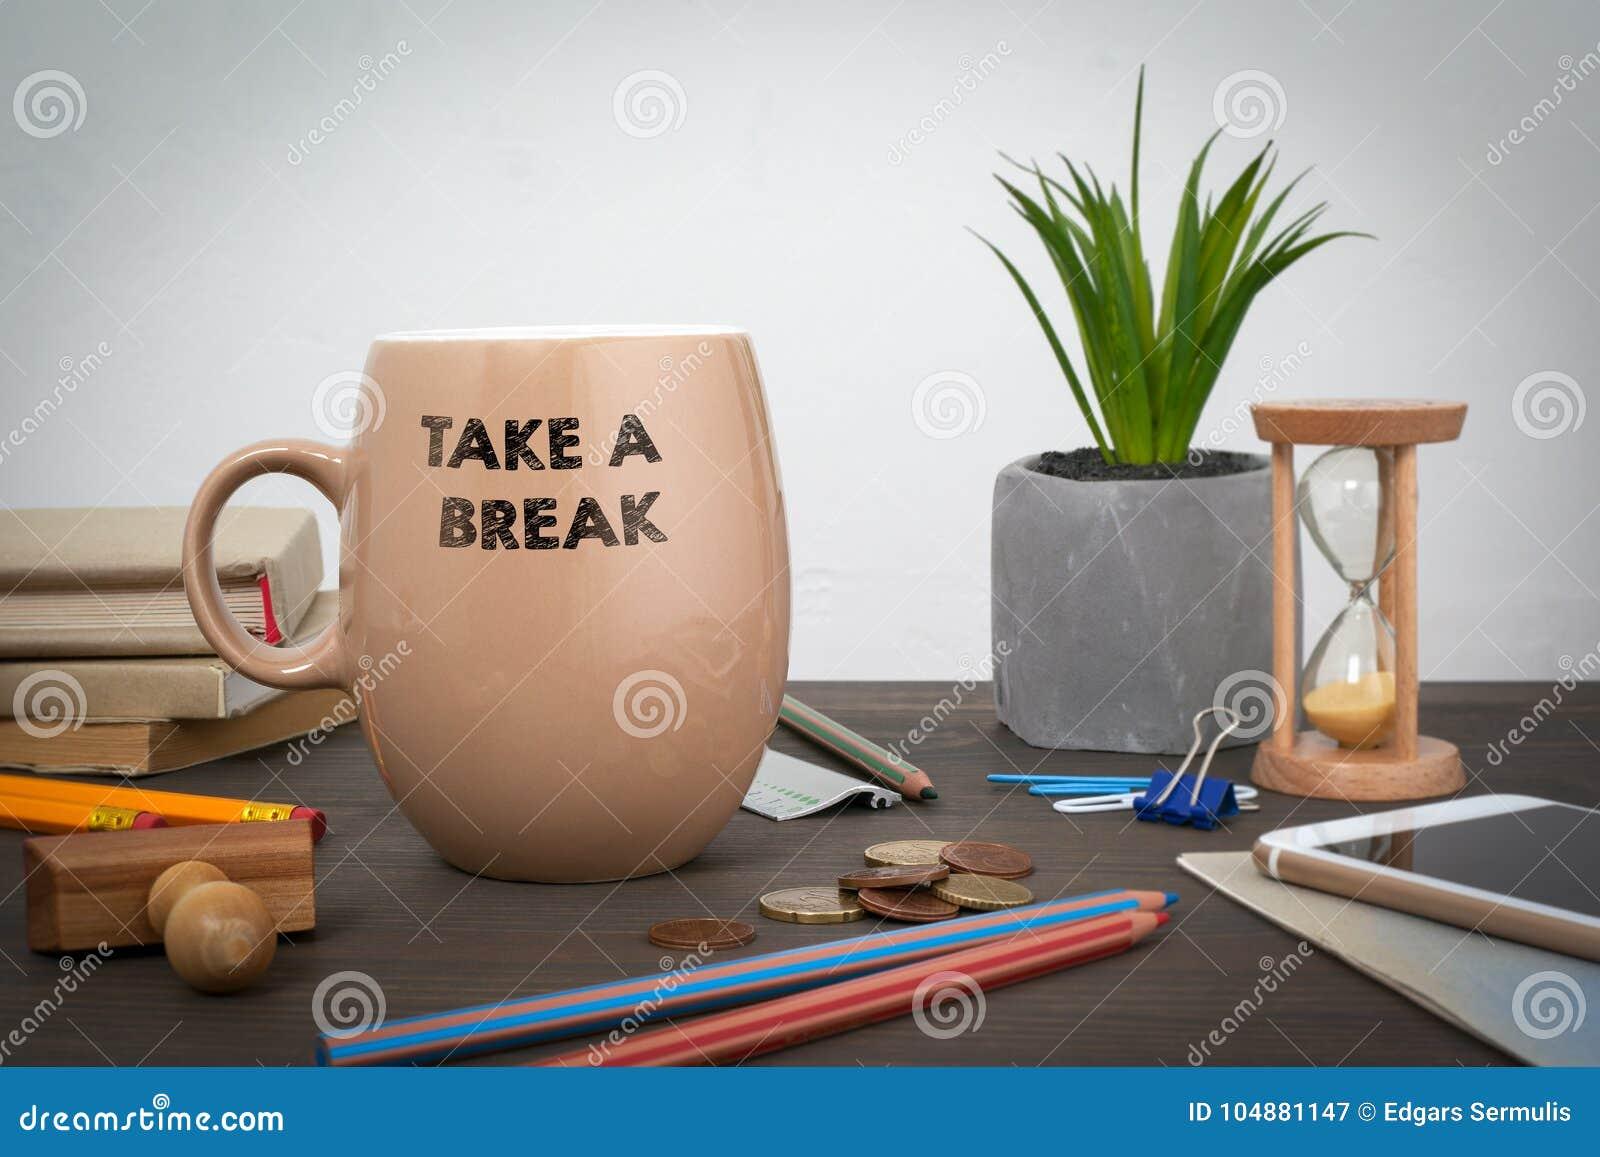 休假 事务和成功背景